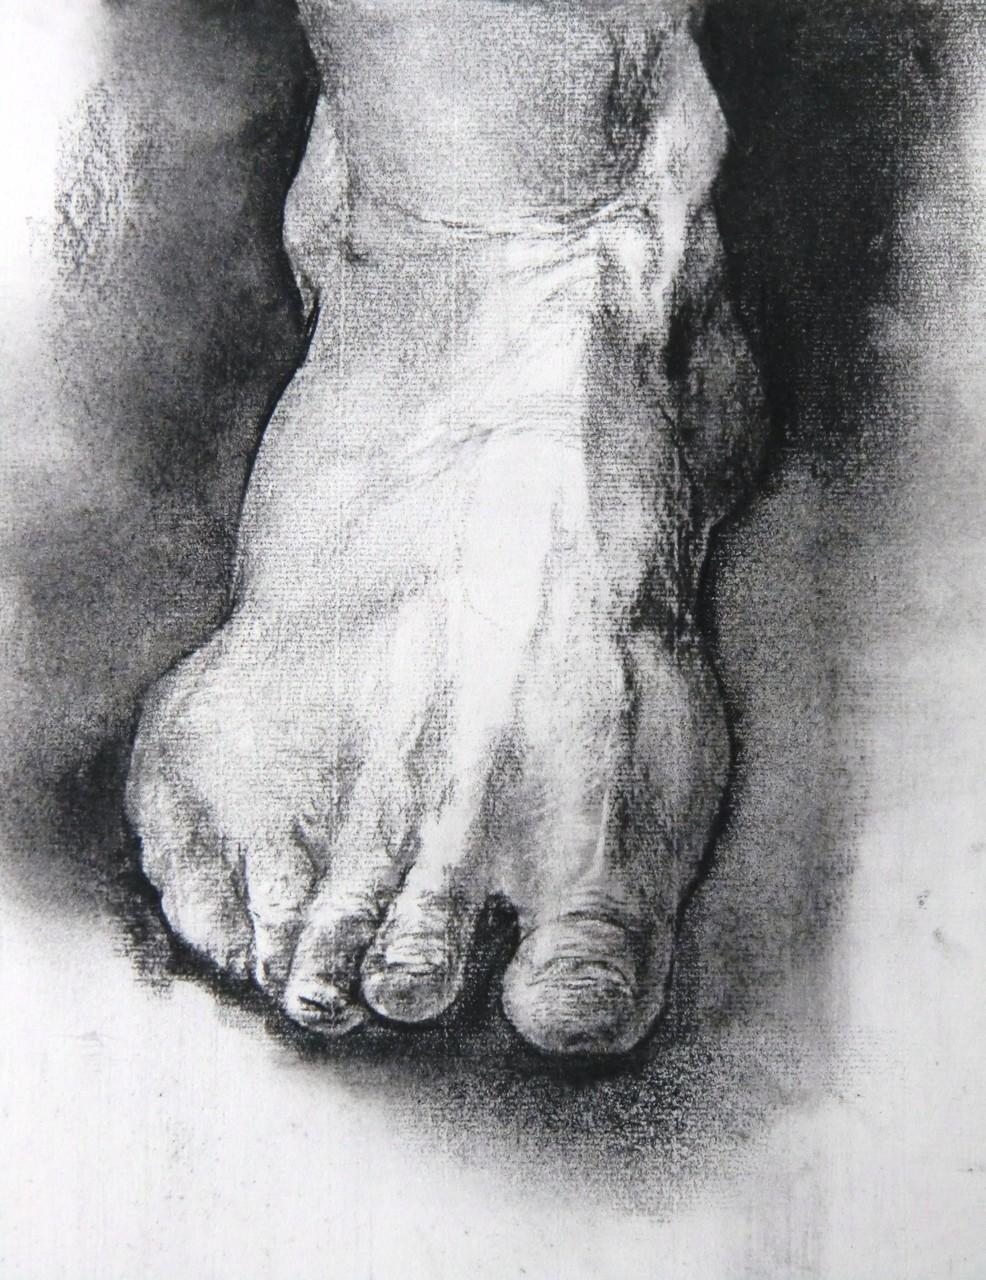 生徒作品40 習作:木炭デッサン<男の足> B4判大 【油画系】